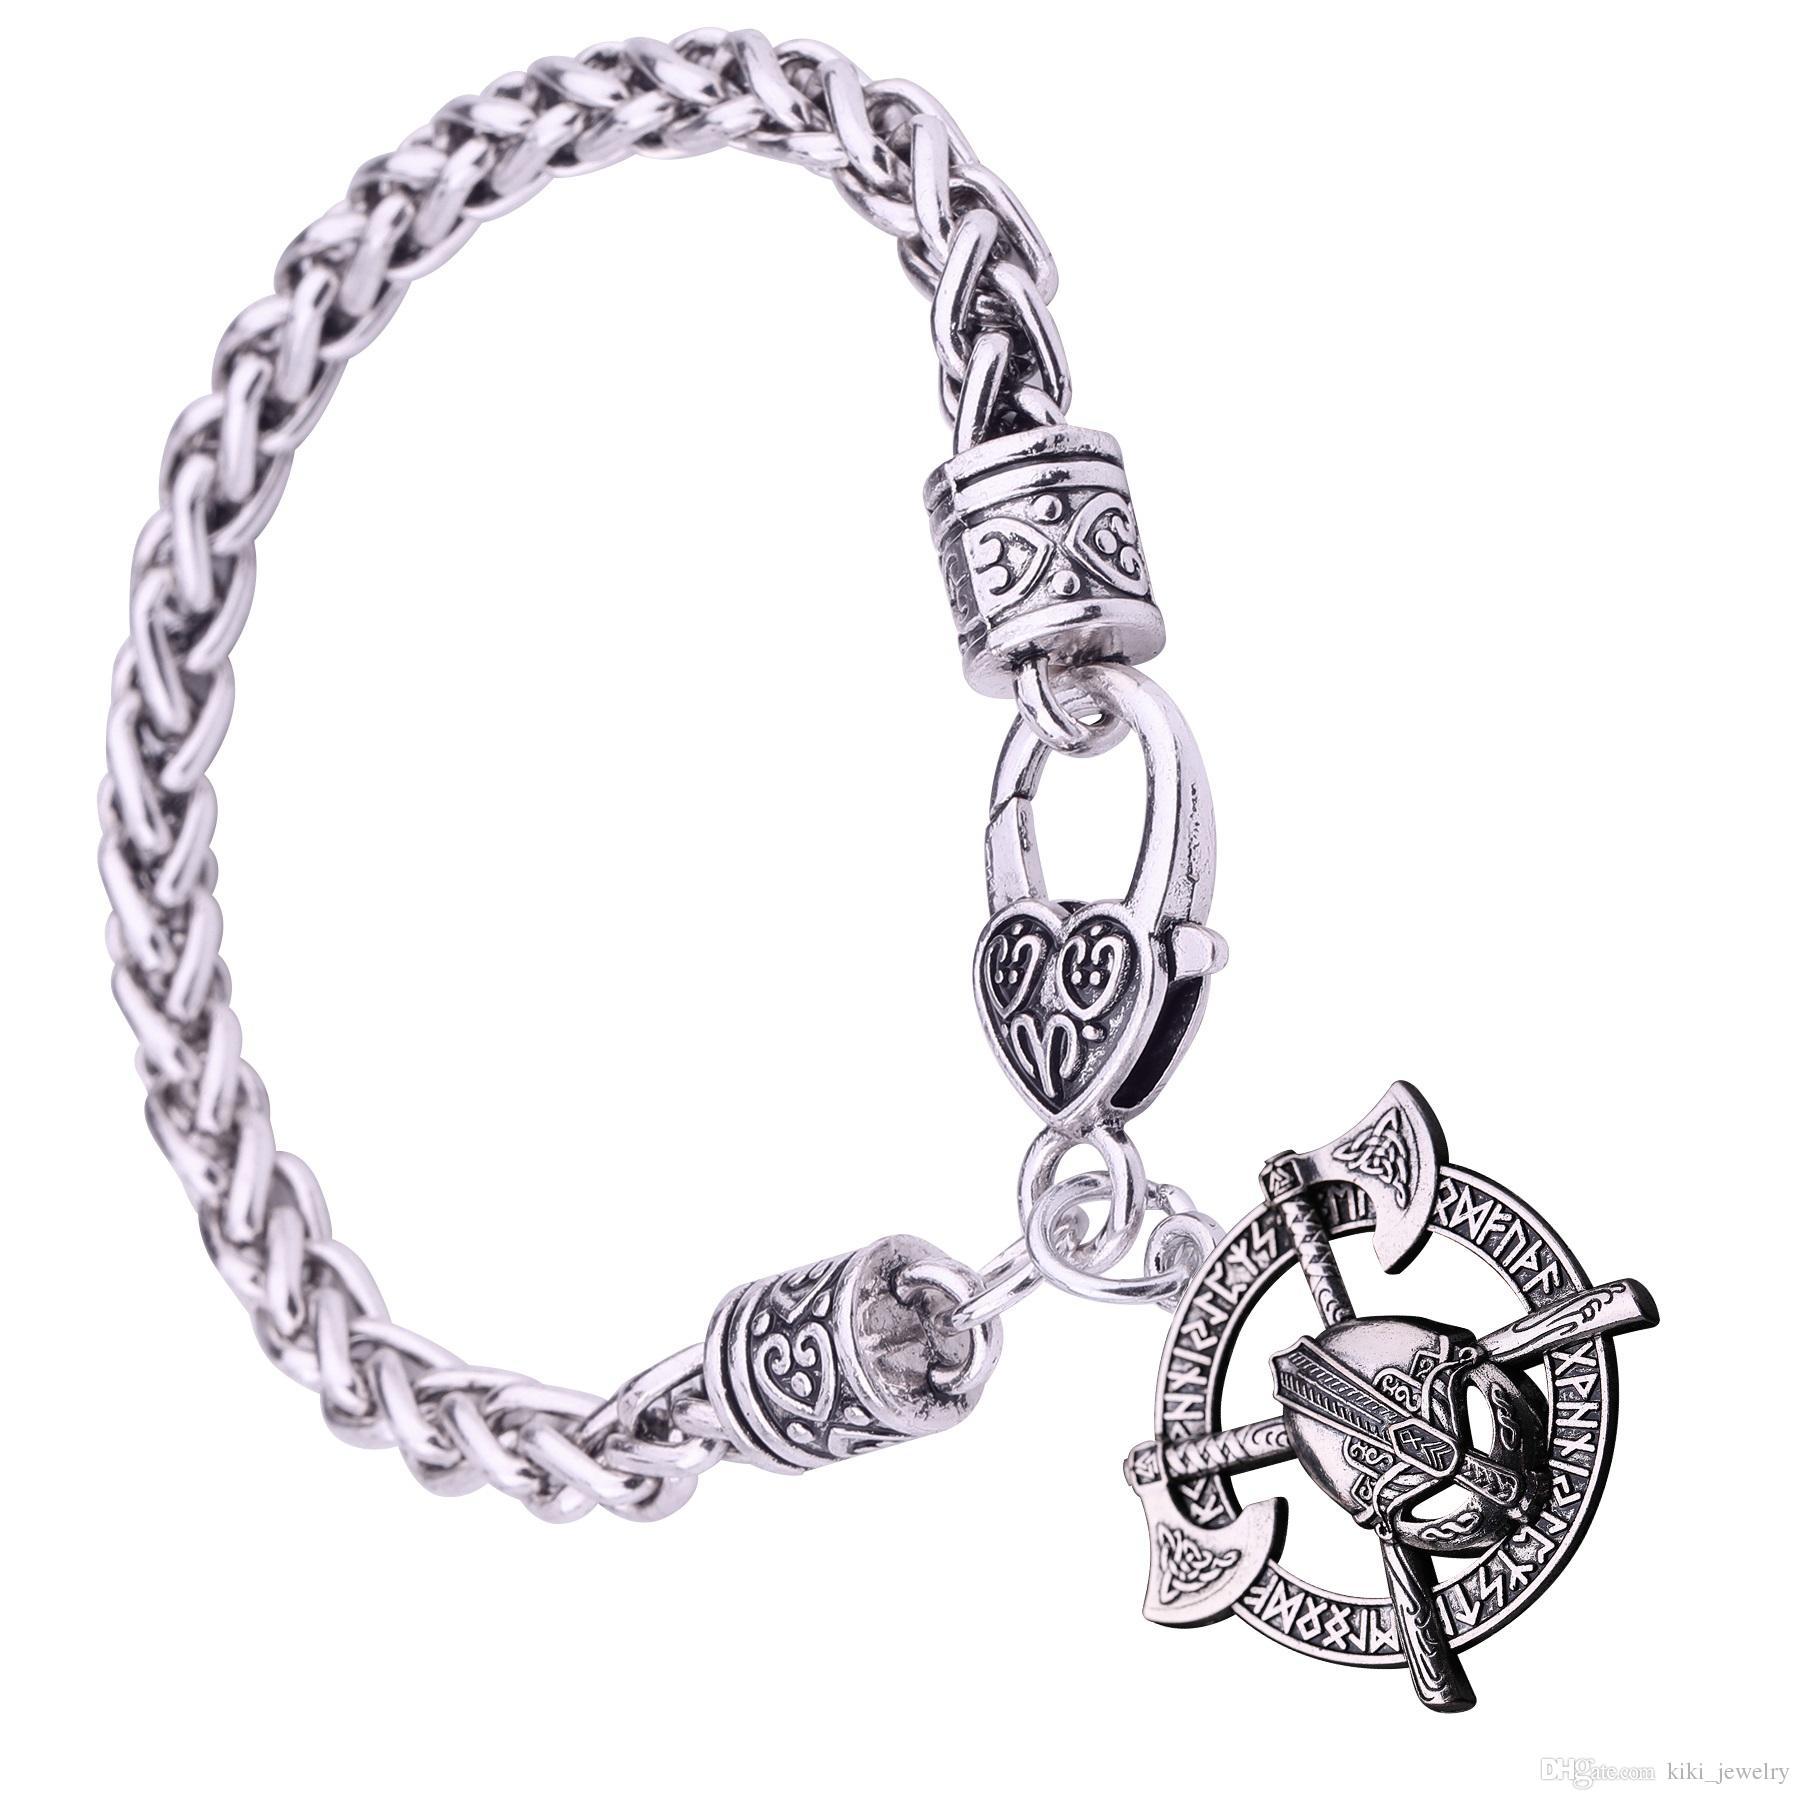 ecc8c34514b7f Myshape Hammer Of Thor Mask Bracelet Irish Knot Charm Bracelet Futhark  Runes Pendant Amulet Jewelry Hollow out Round Pendant